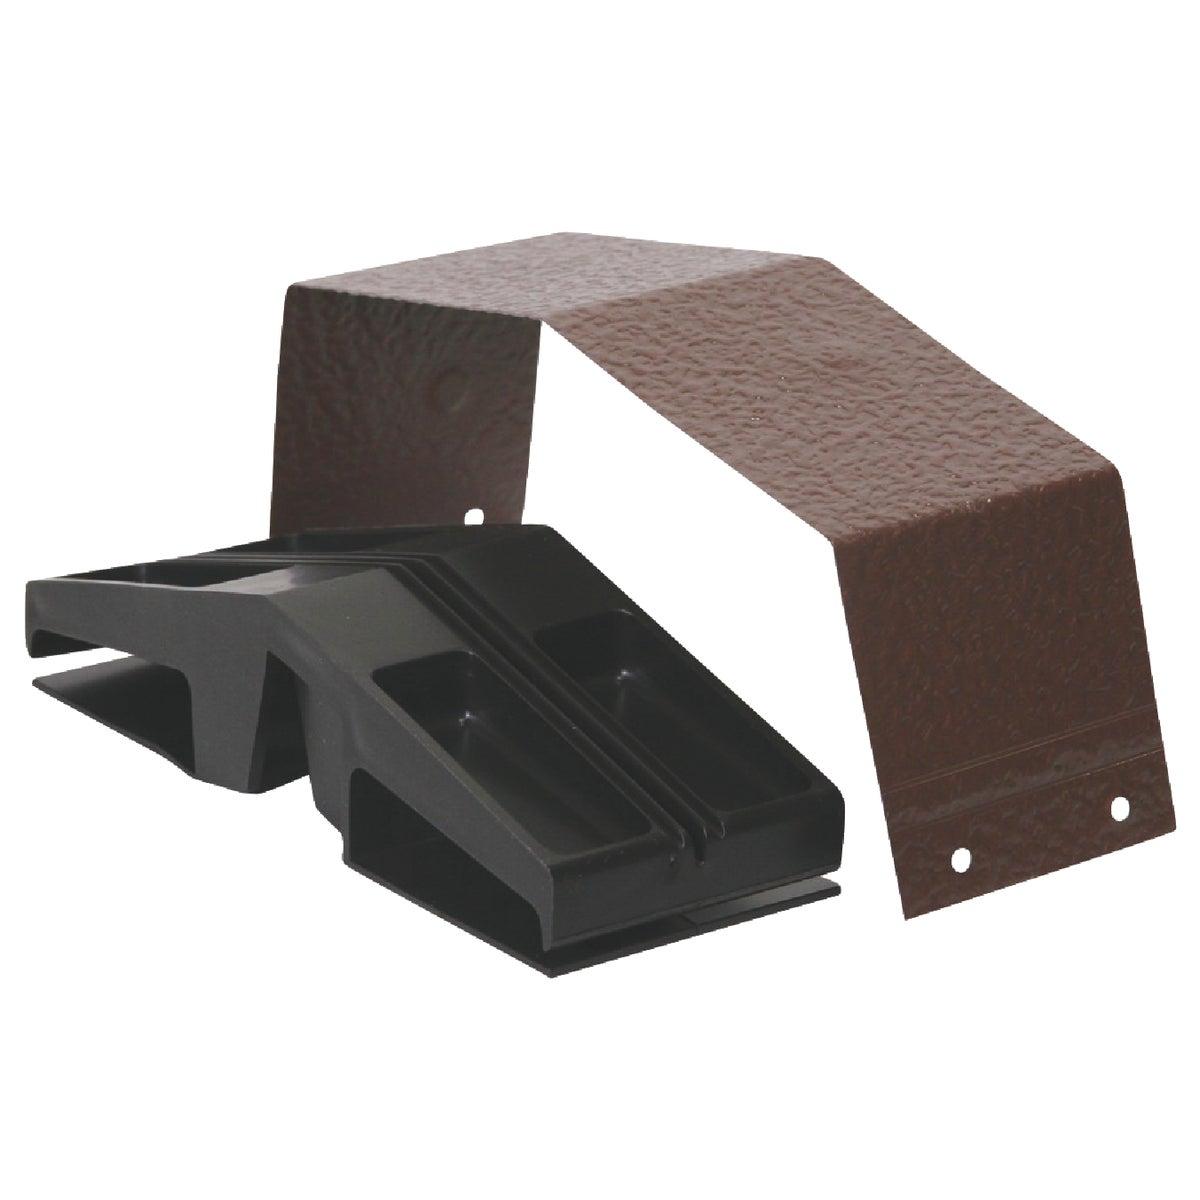 Brn Connector Plug/Strap